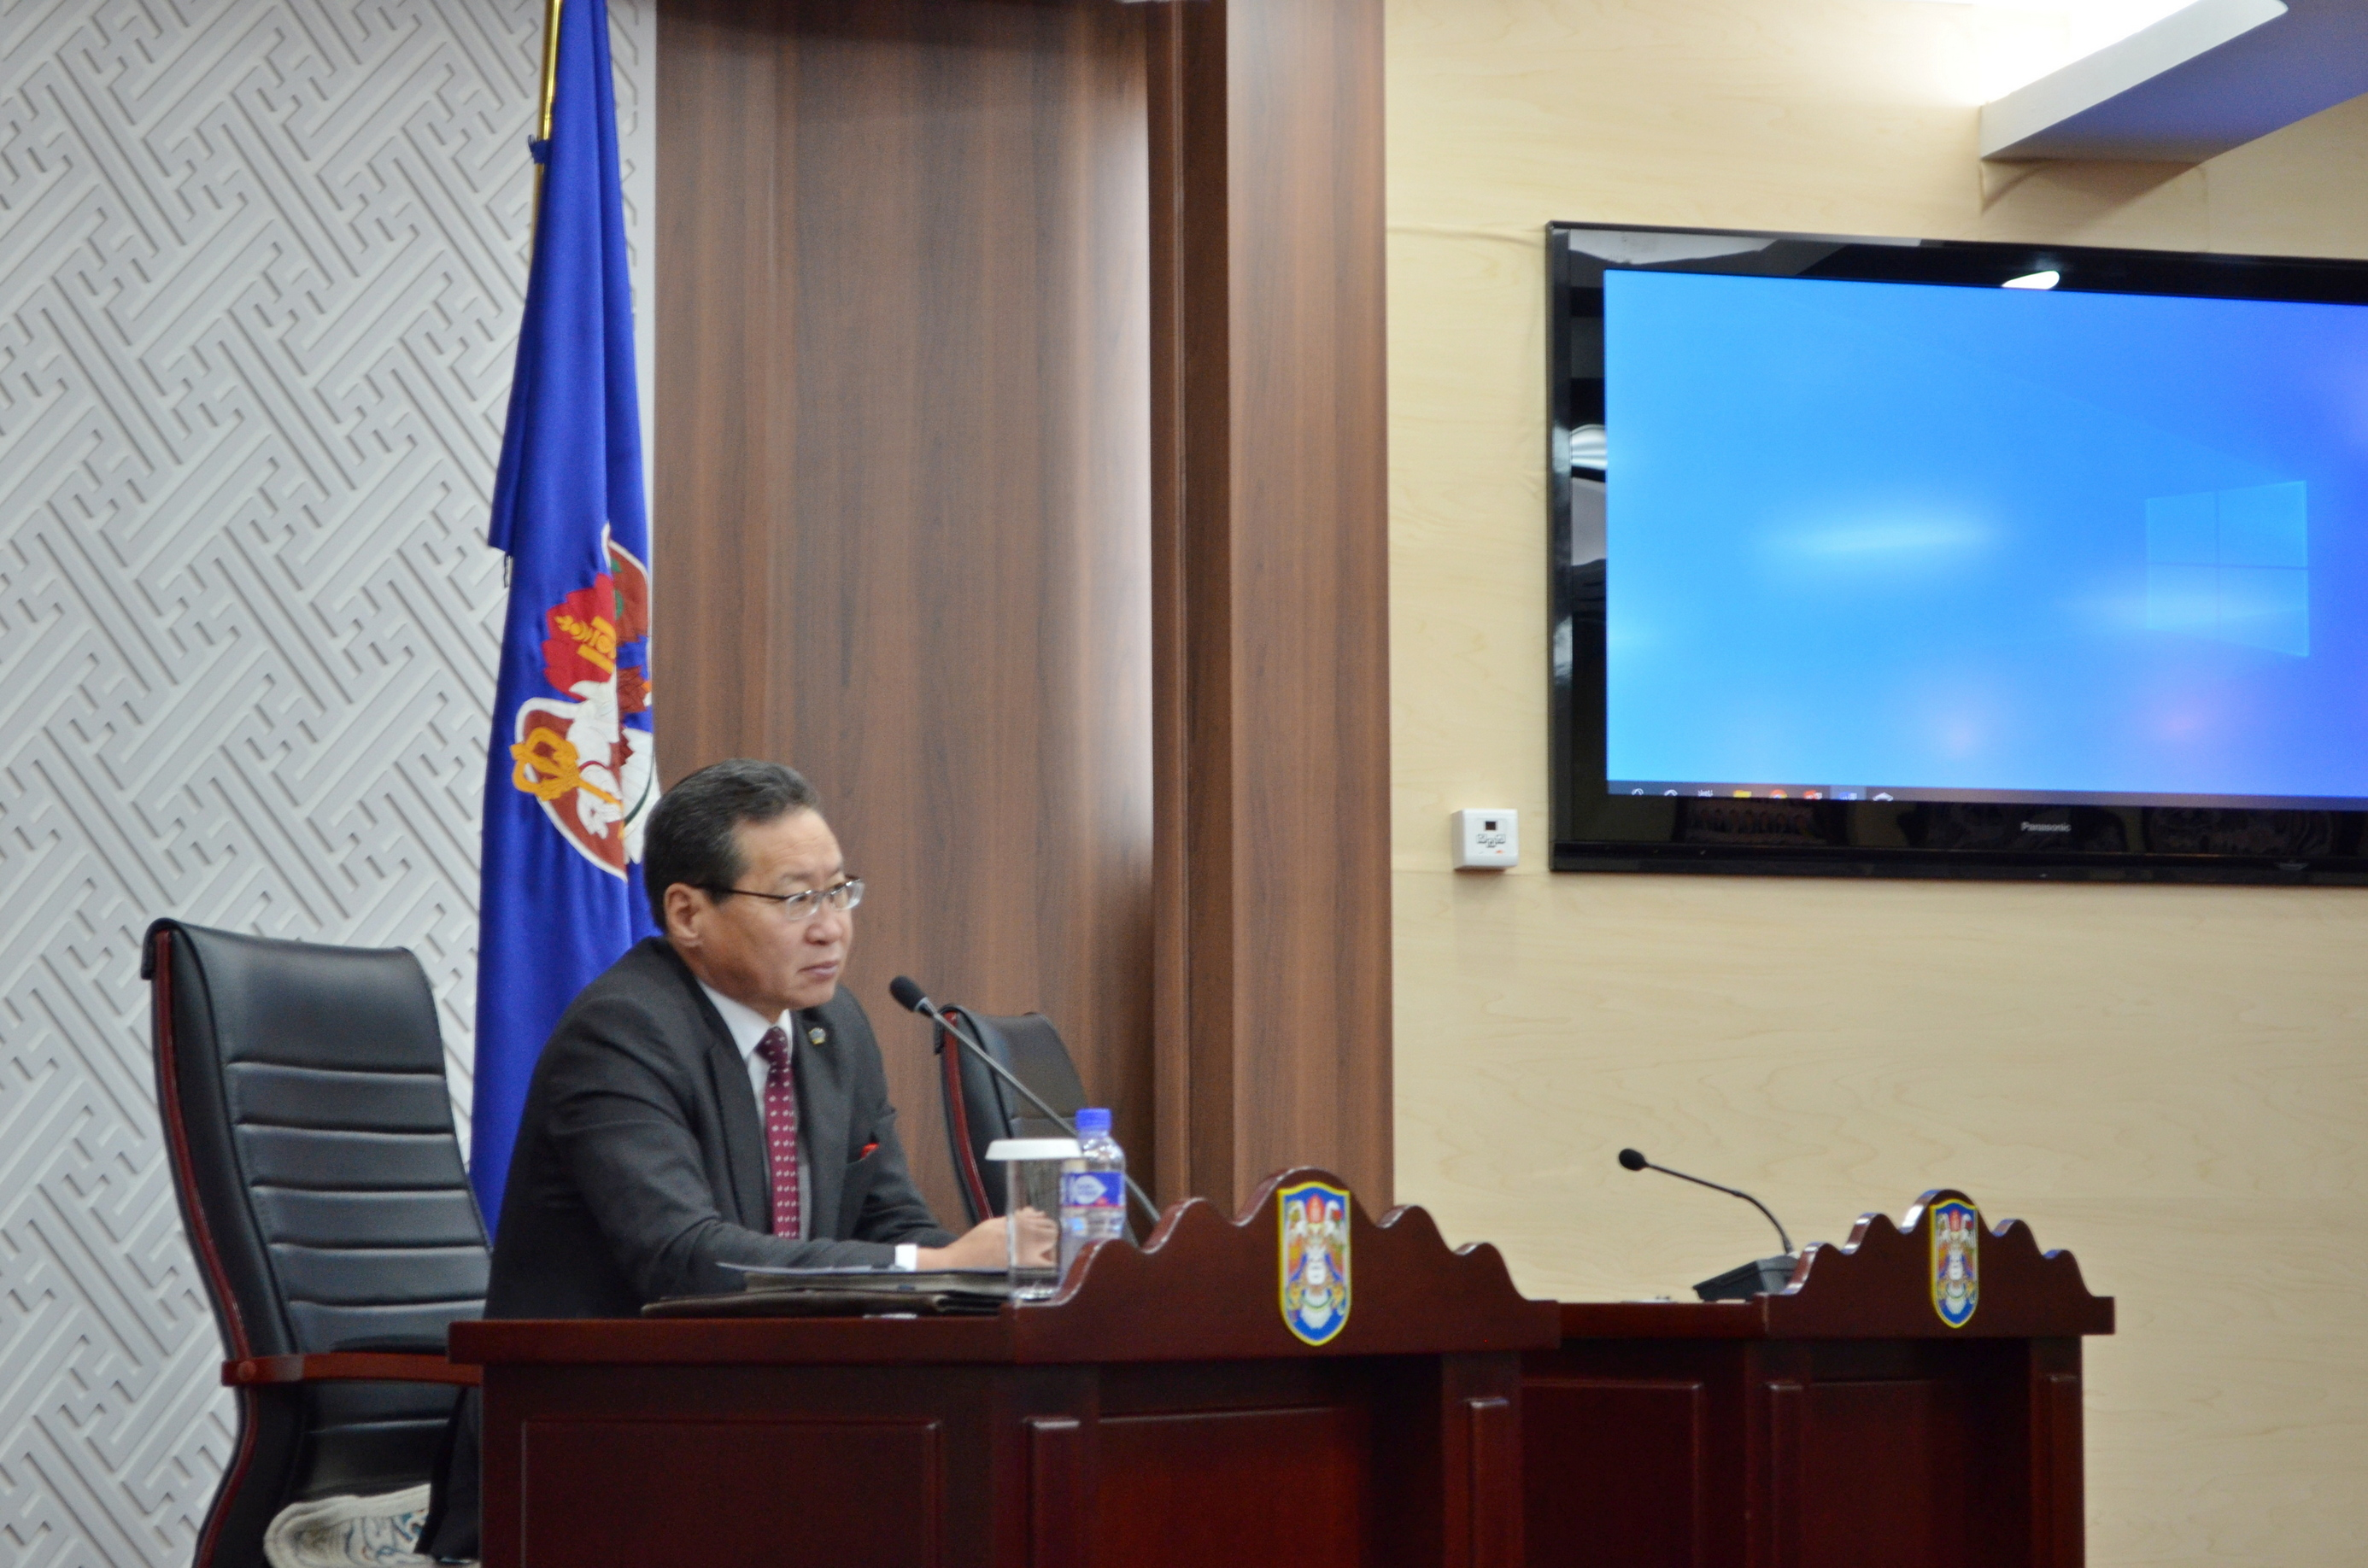 Улаанбаатар хотын Ерөнхий менежерийн 10 сарын 25-ны өдрийн шуурхай зөвөлгөөнөөр өгч буй үүрэг даалгавар